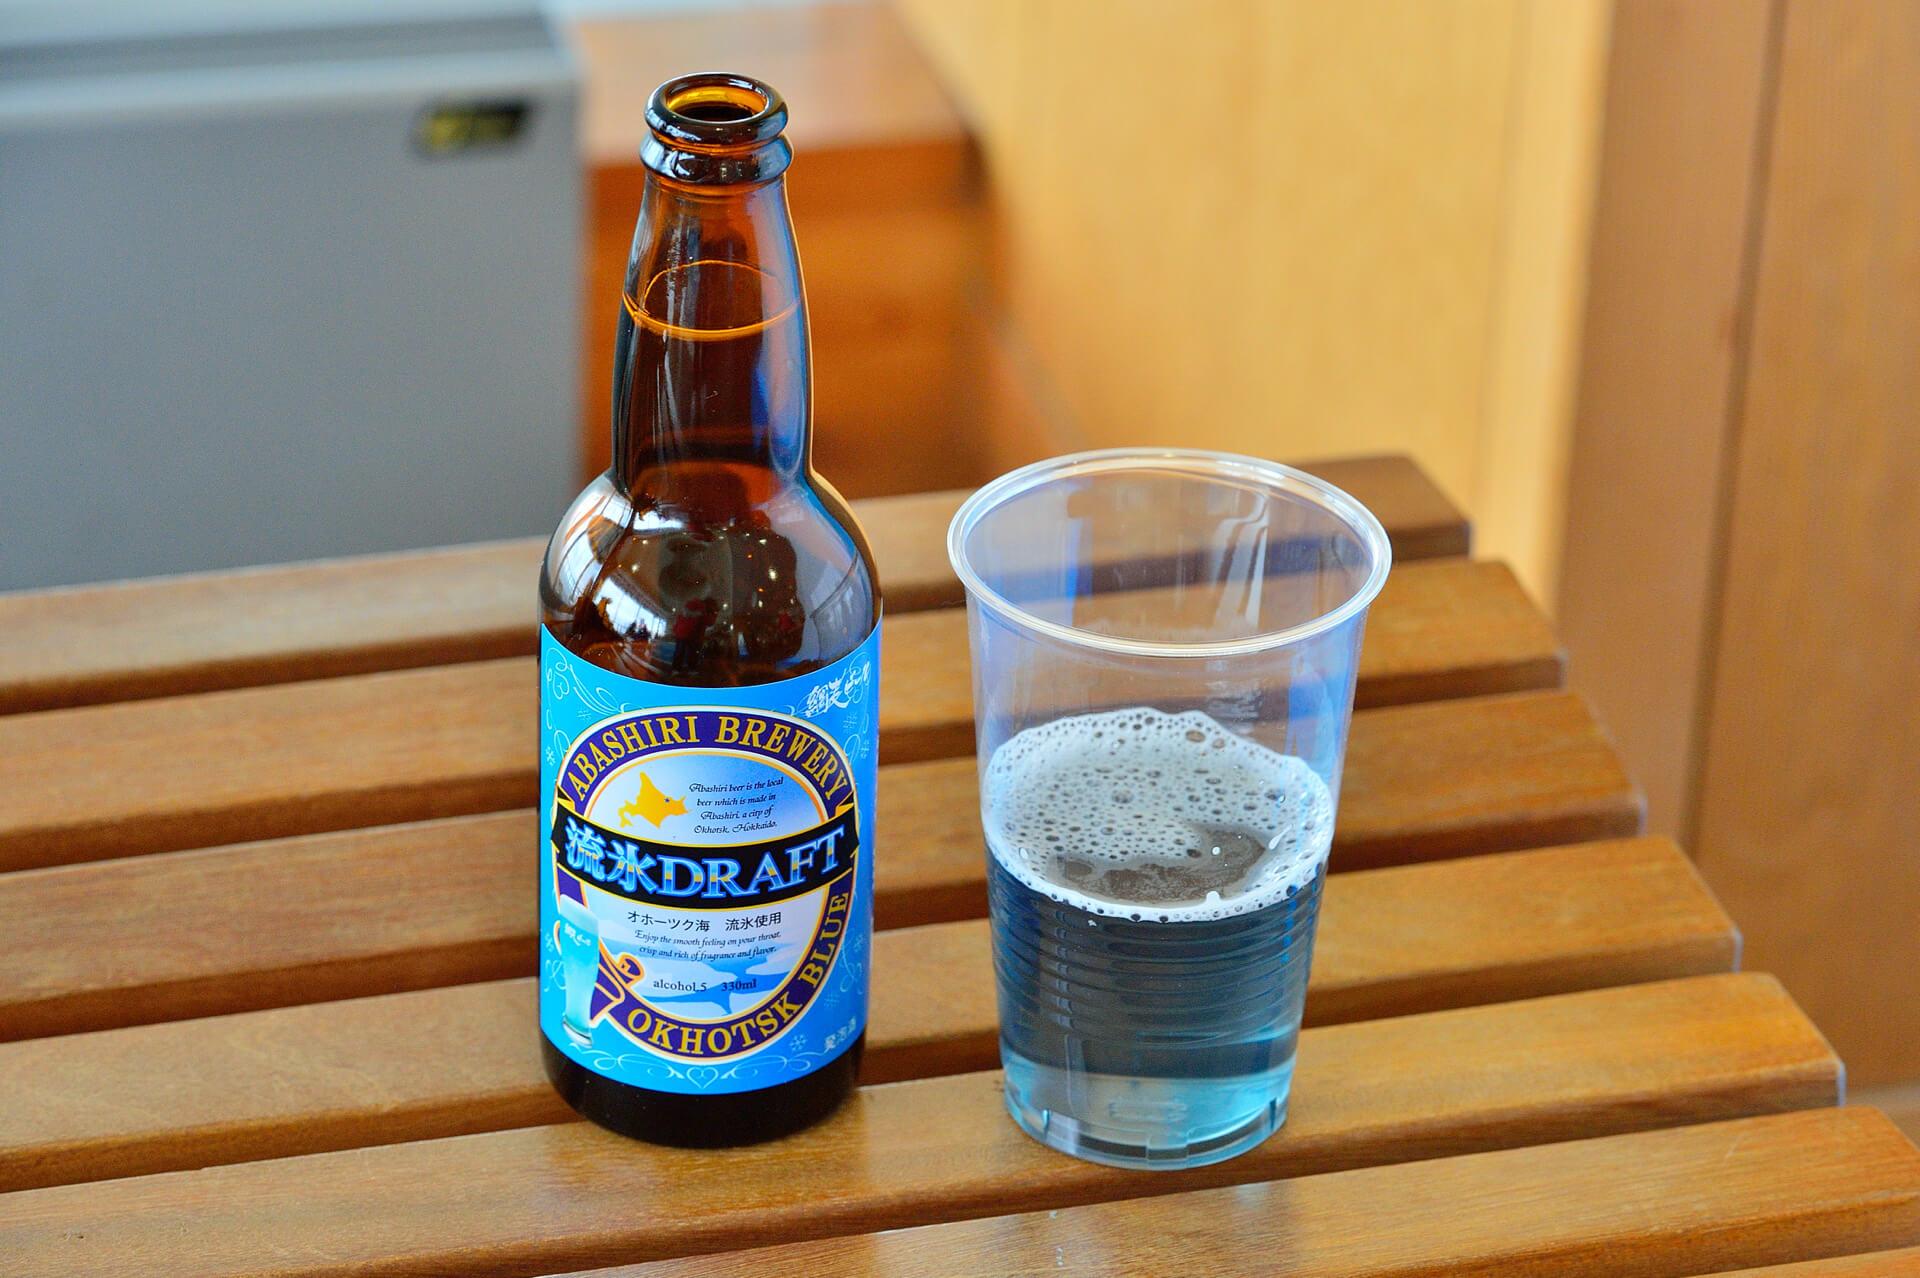 流氷ドラフト、青いビール